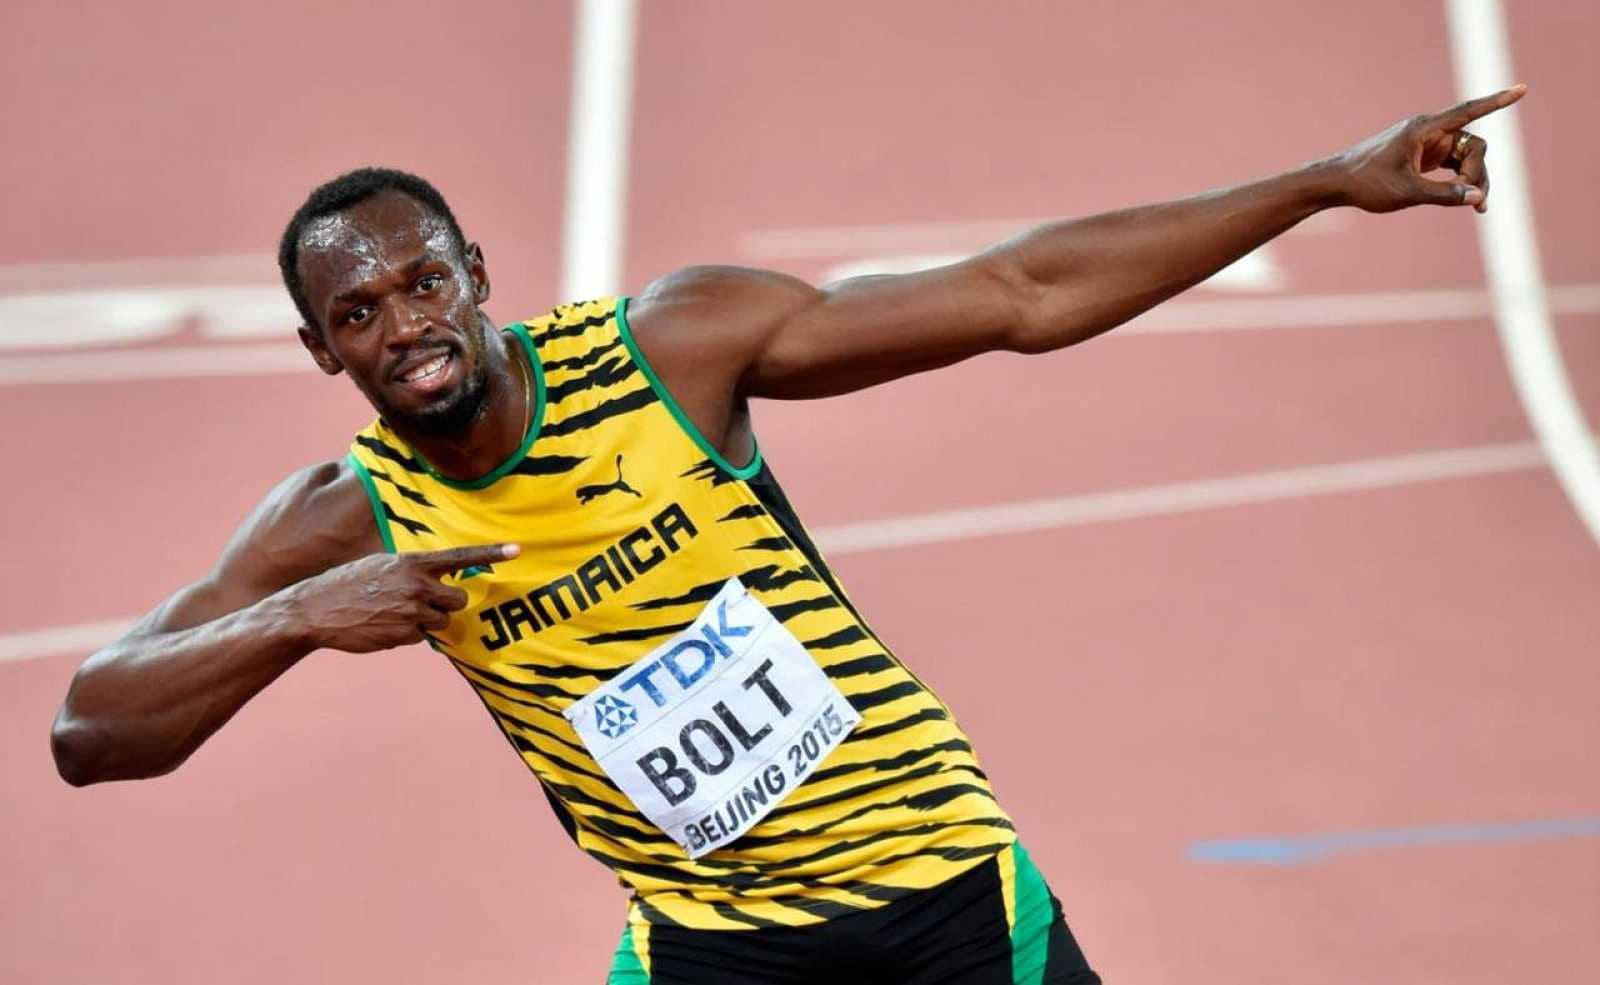 Plan de control de la producción. Cómo cumplirlo y vivir más tranquilo que Usain Bolt.